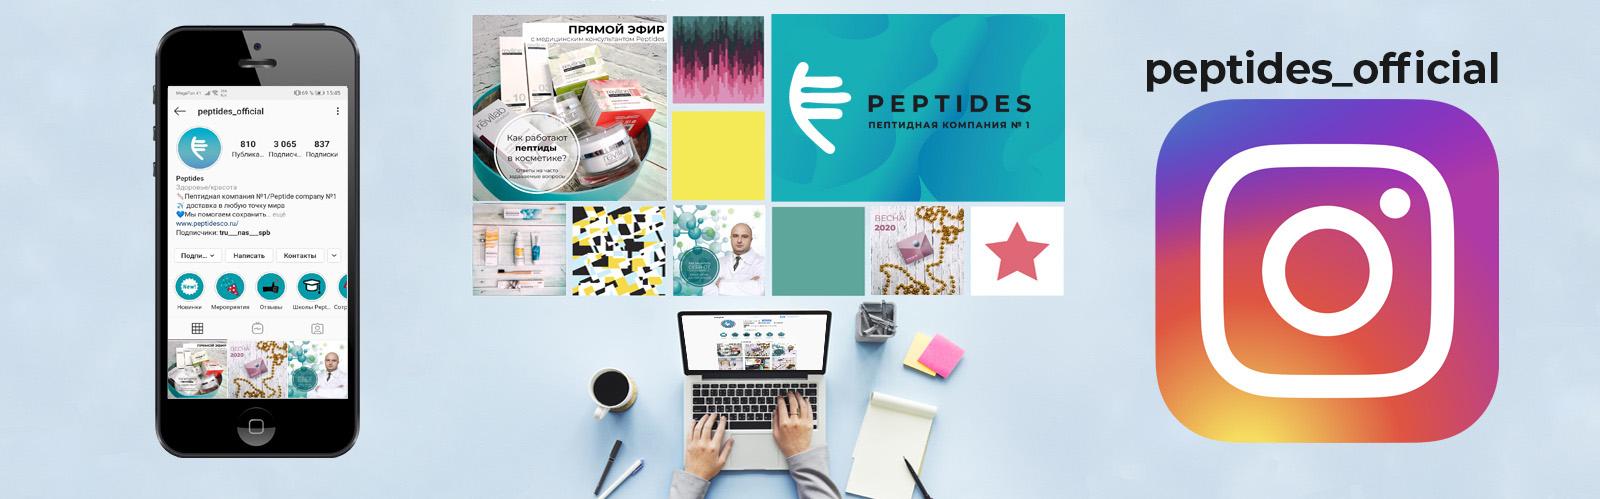 Онлайн-мероприятия Peptides